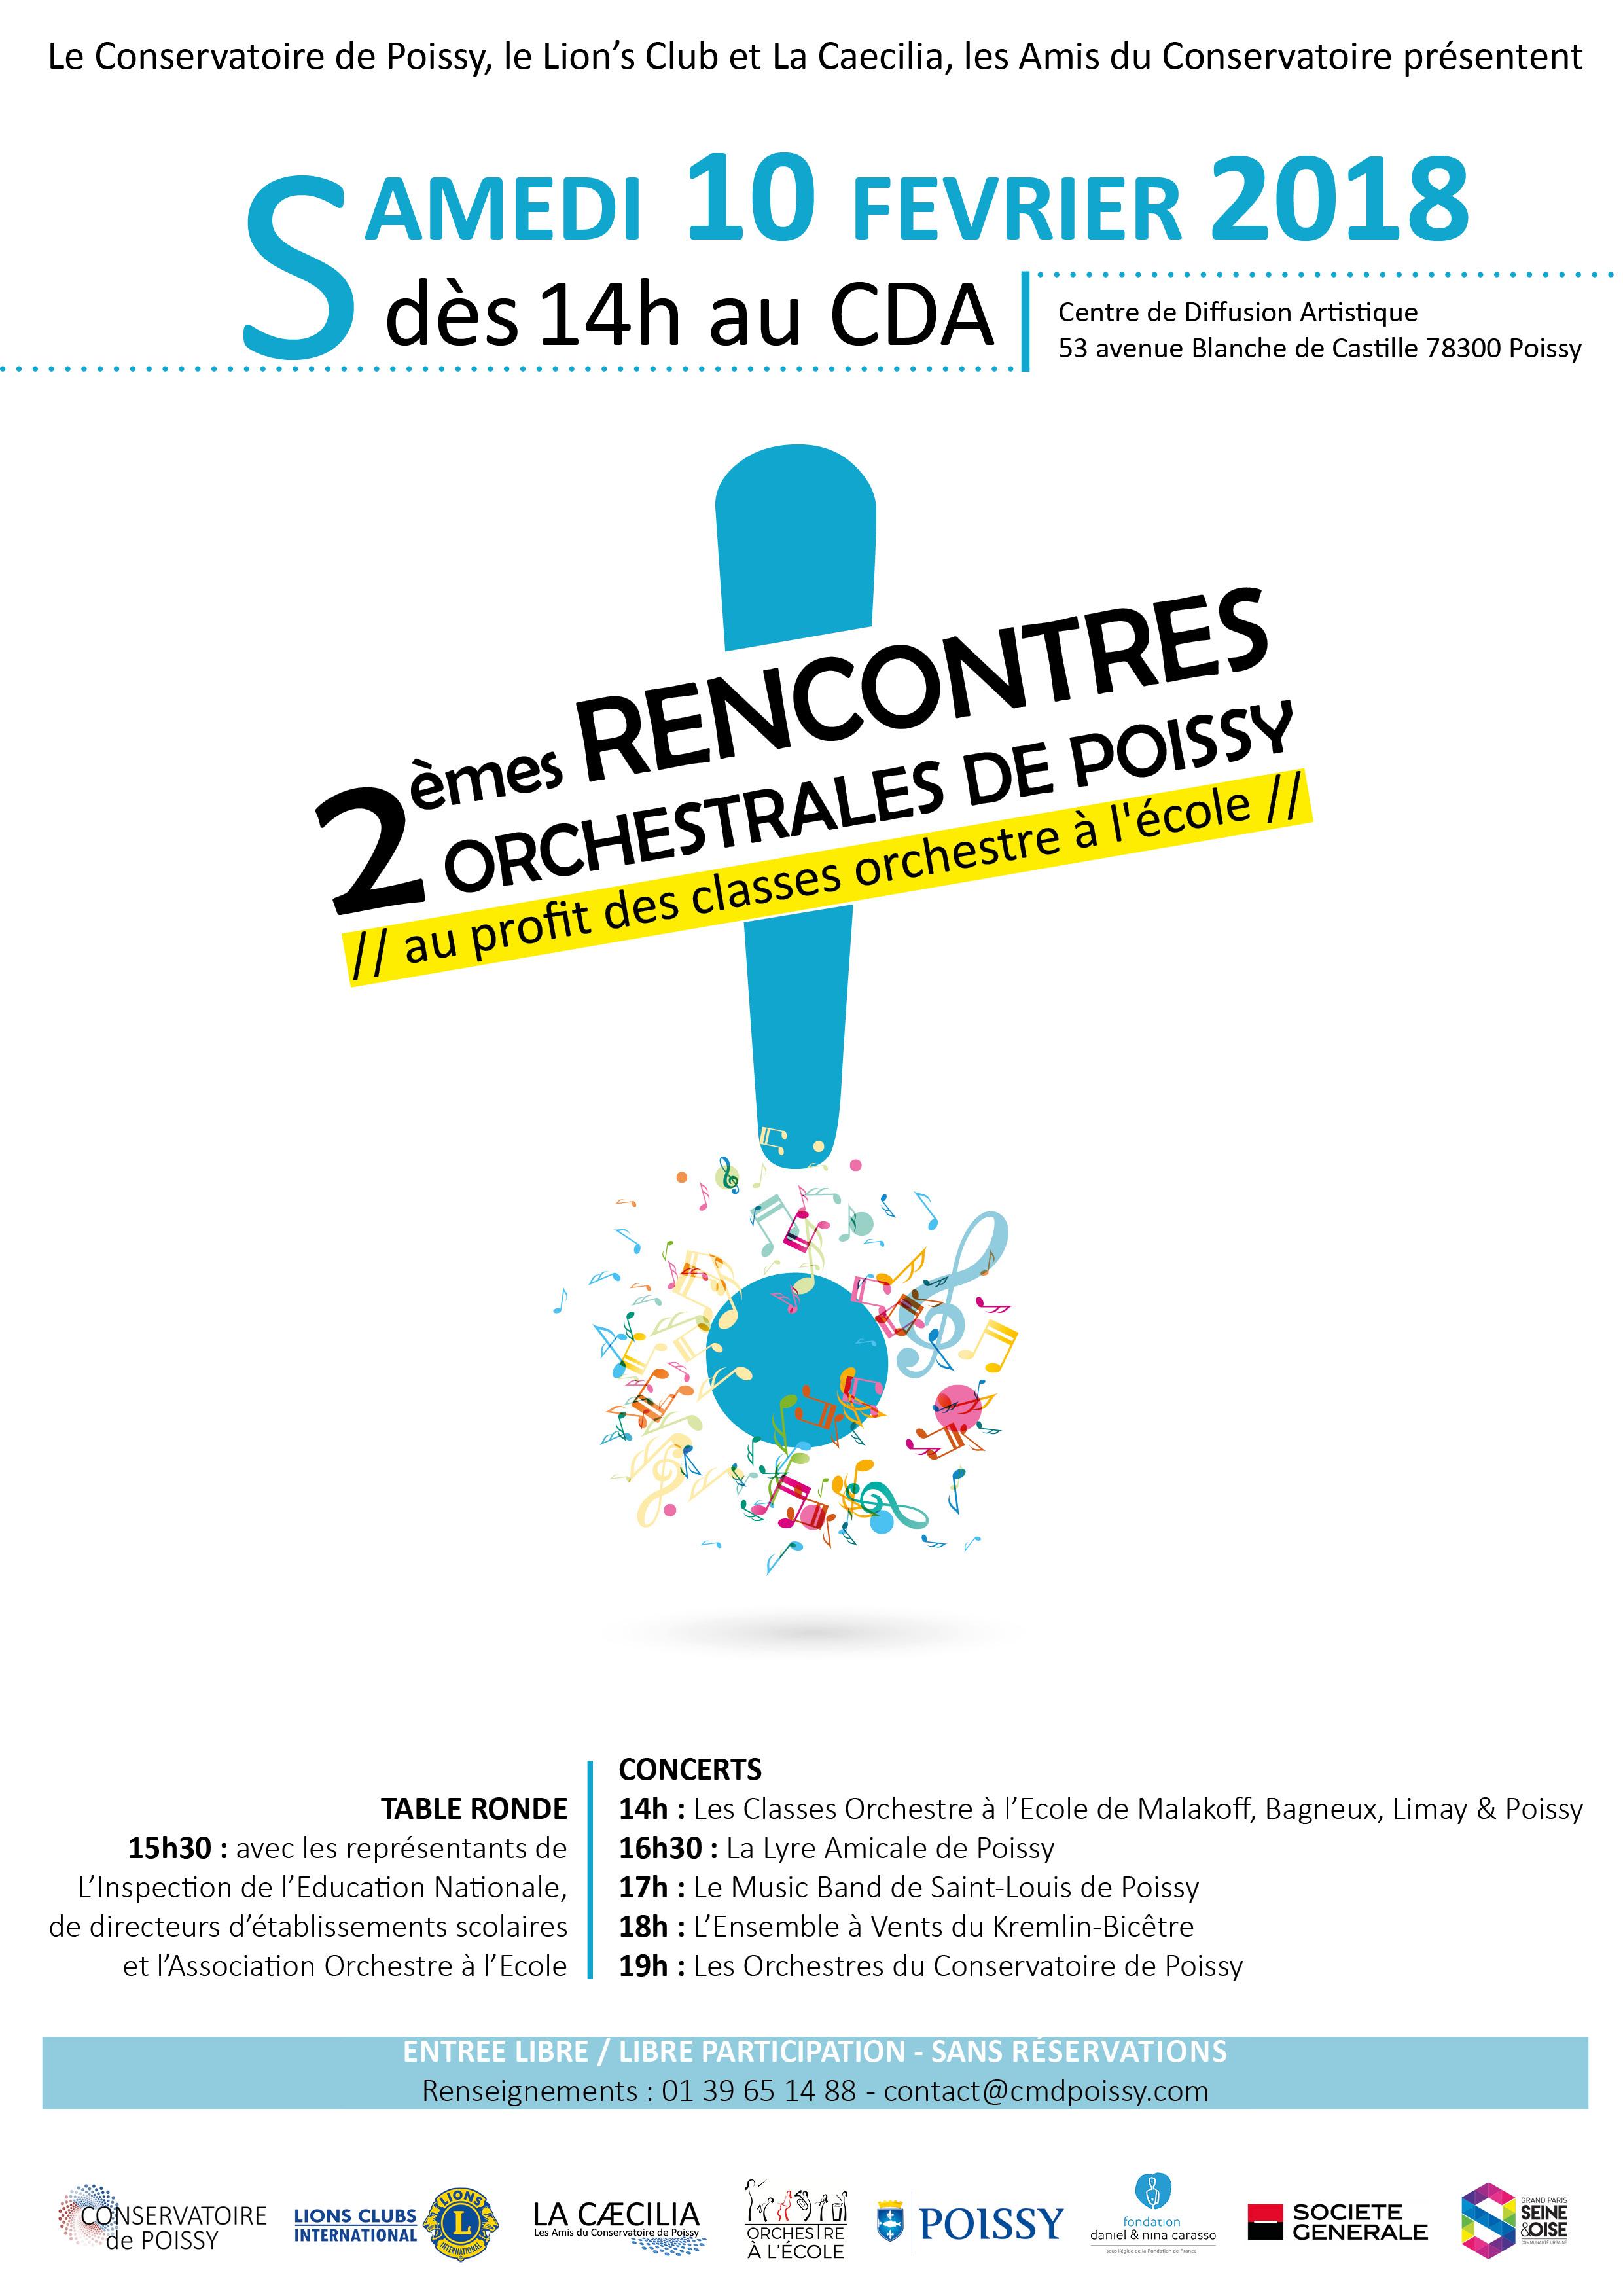 affiche rencontres orchestrales maj 18dec18